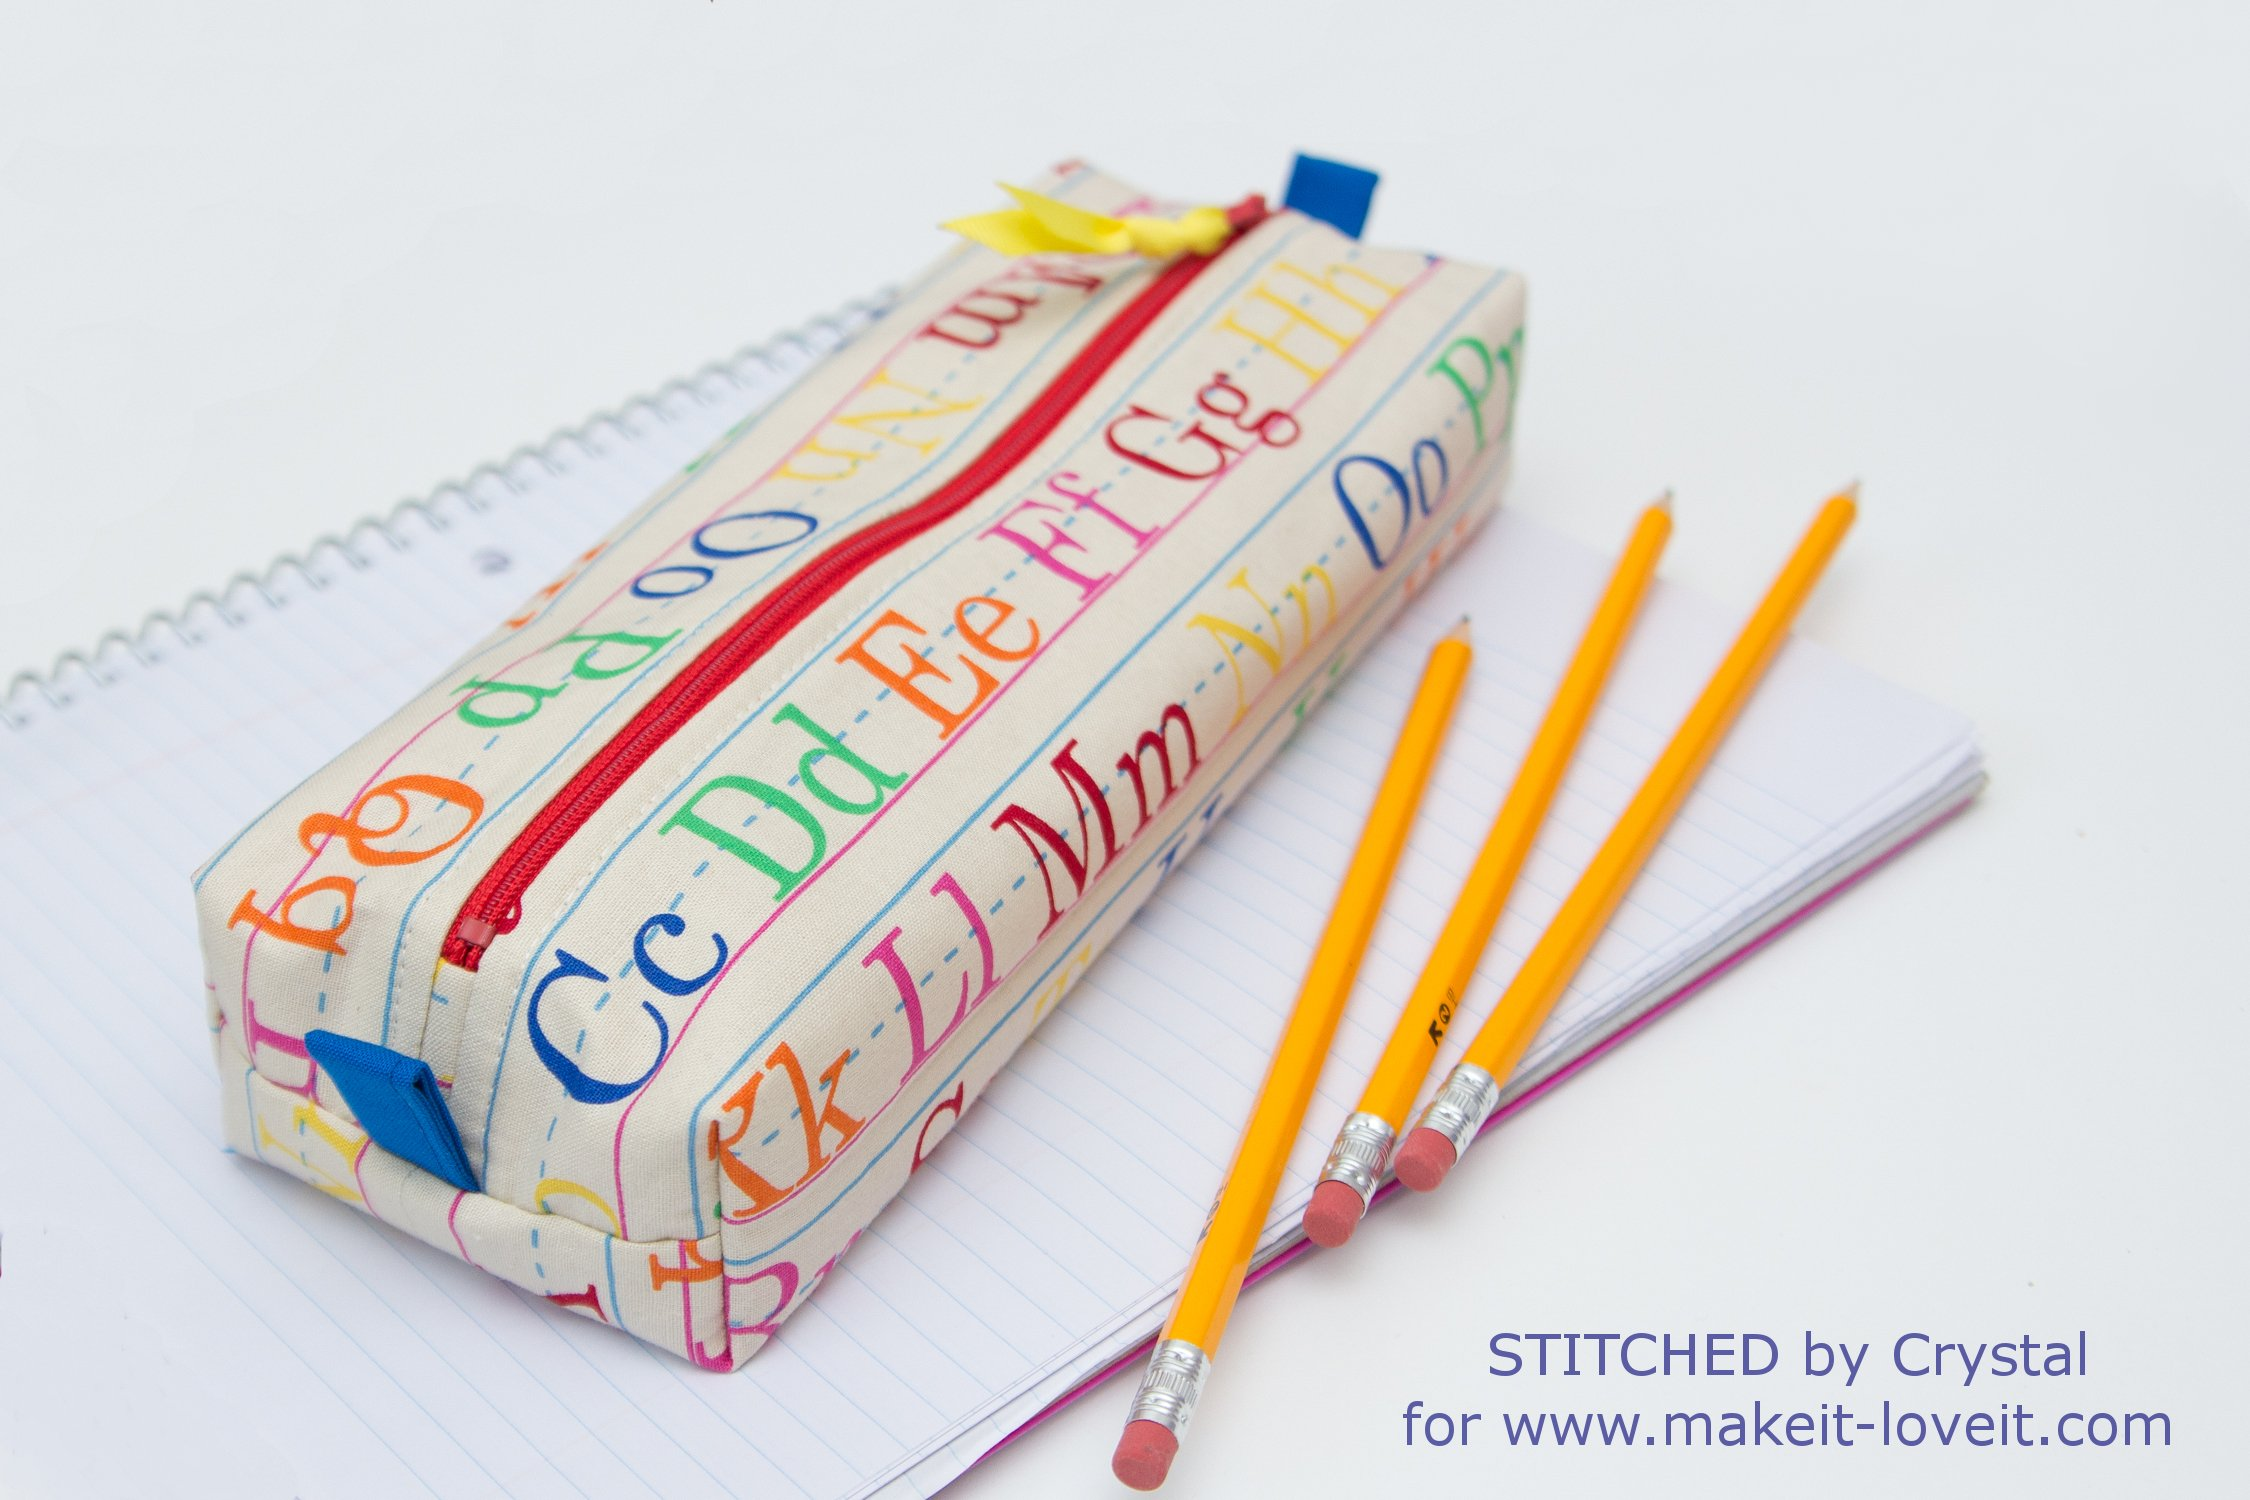 I am a pencil box essay